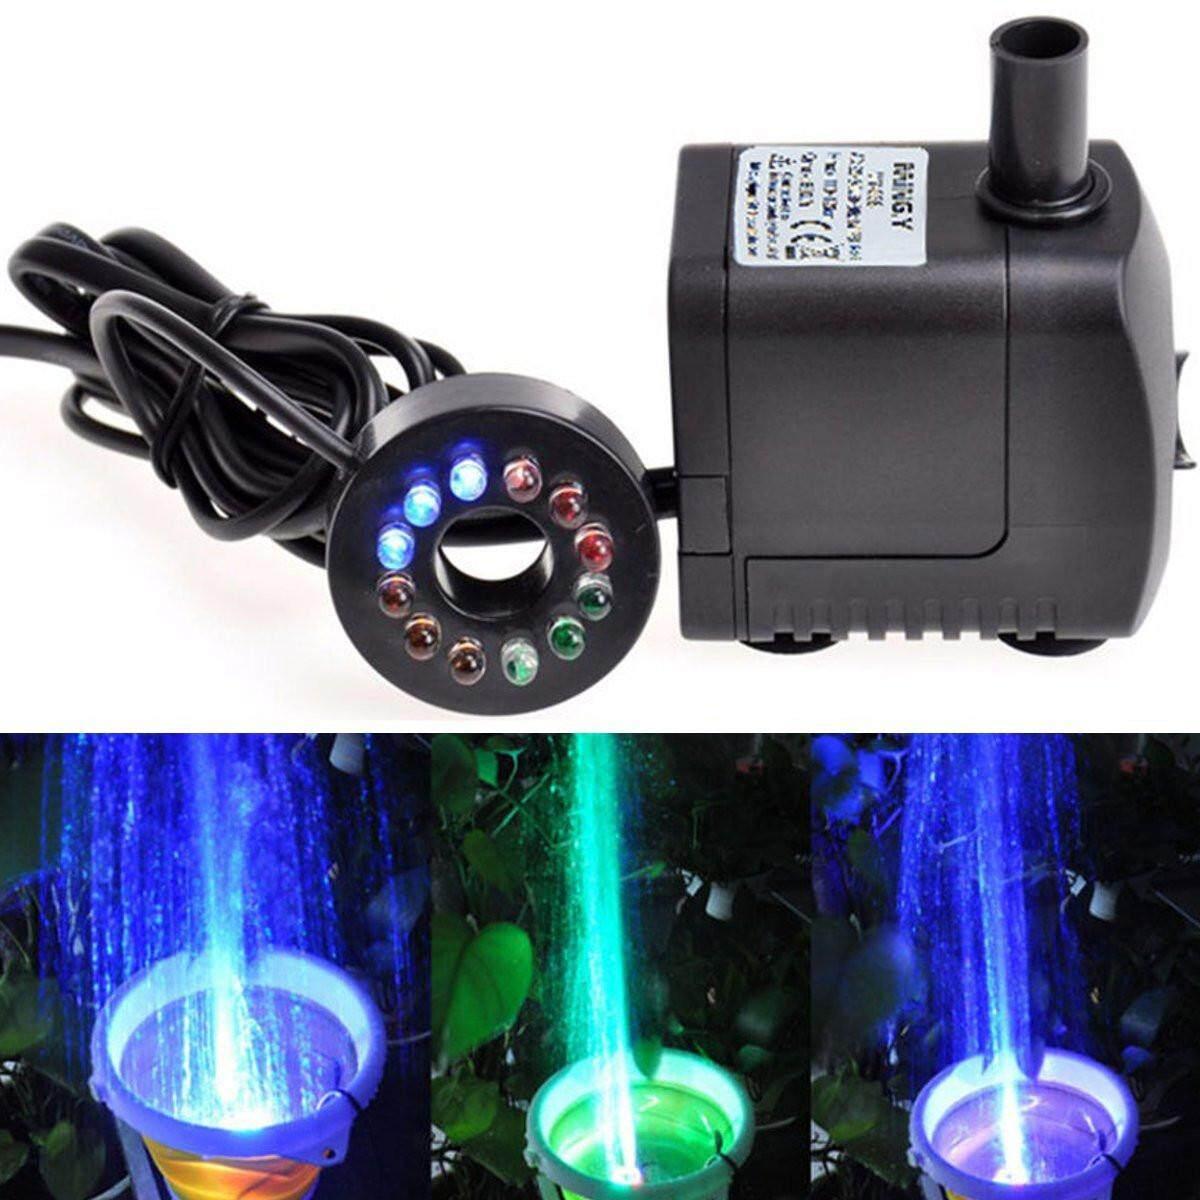 420L/H Submersible น้ำพุตั้งโต๊ะ Aquarium เครื่องสูบน้ำสระ LED เปลี่ยน